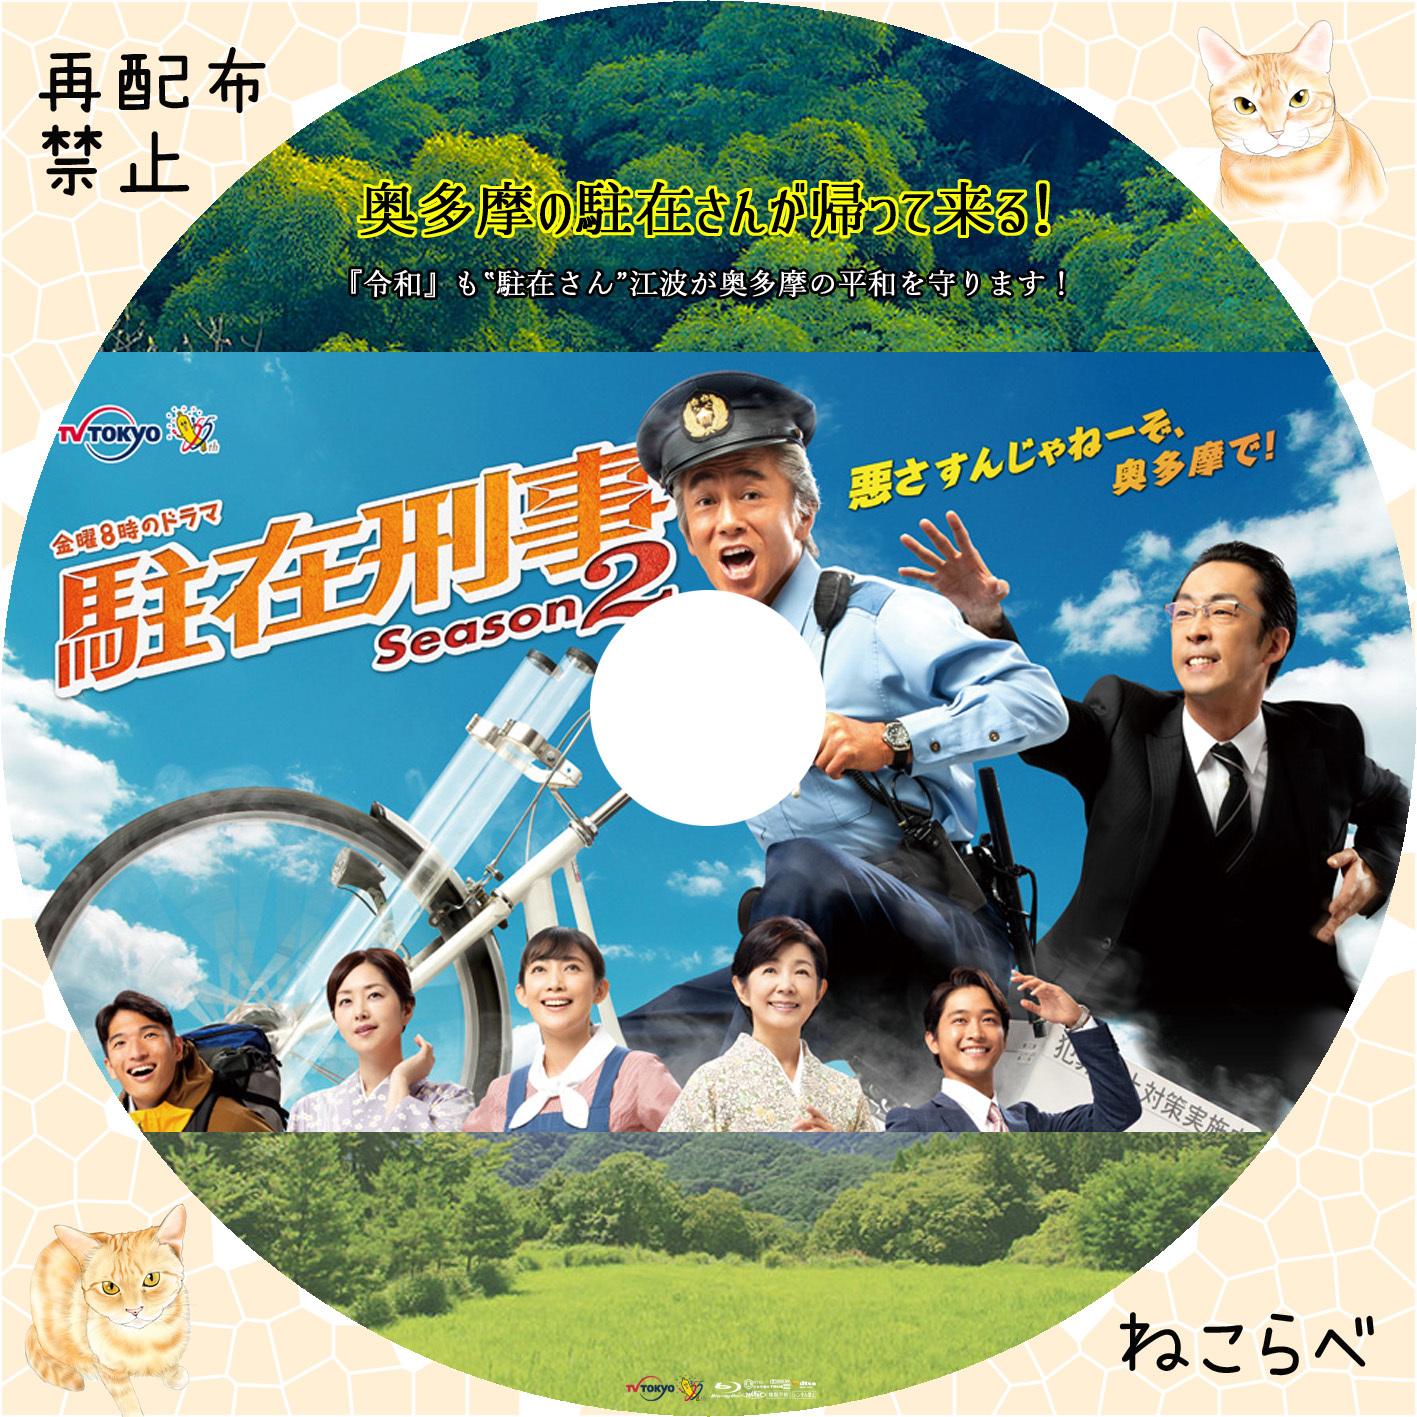 ドラマ - へたっぴな自作DVDラベル&ジャケット